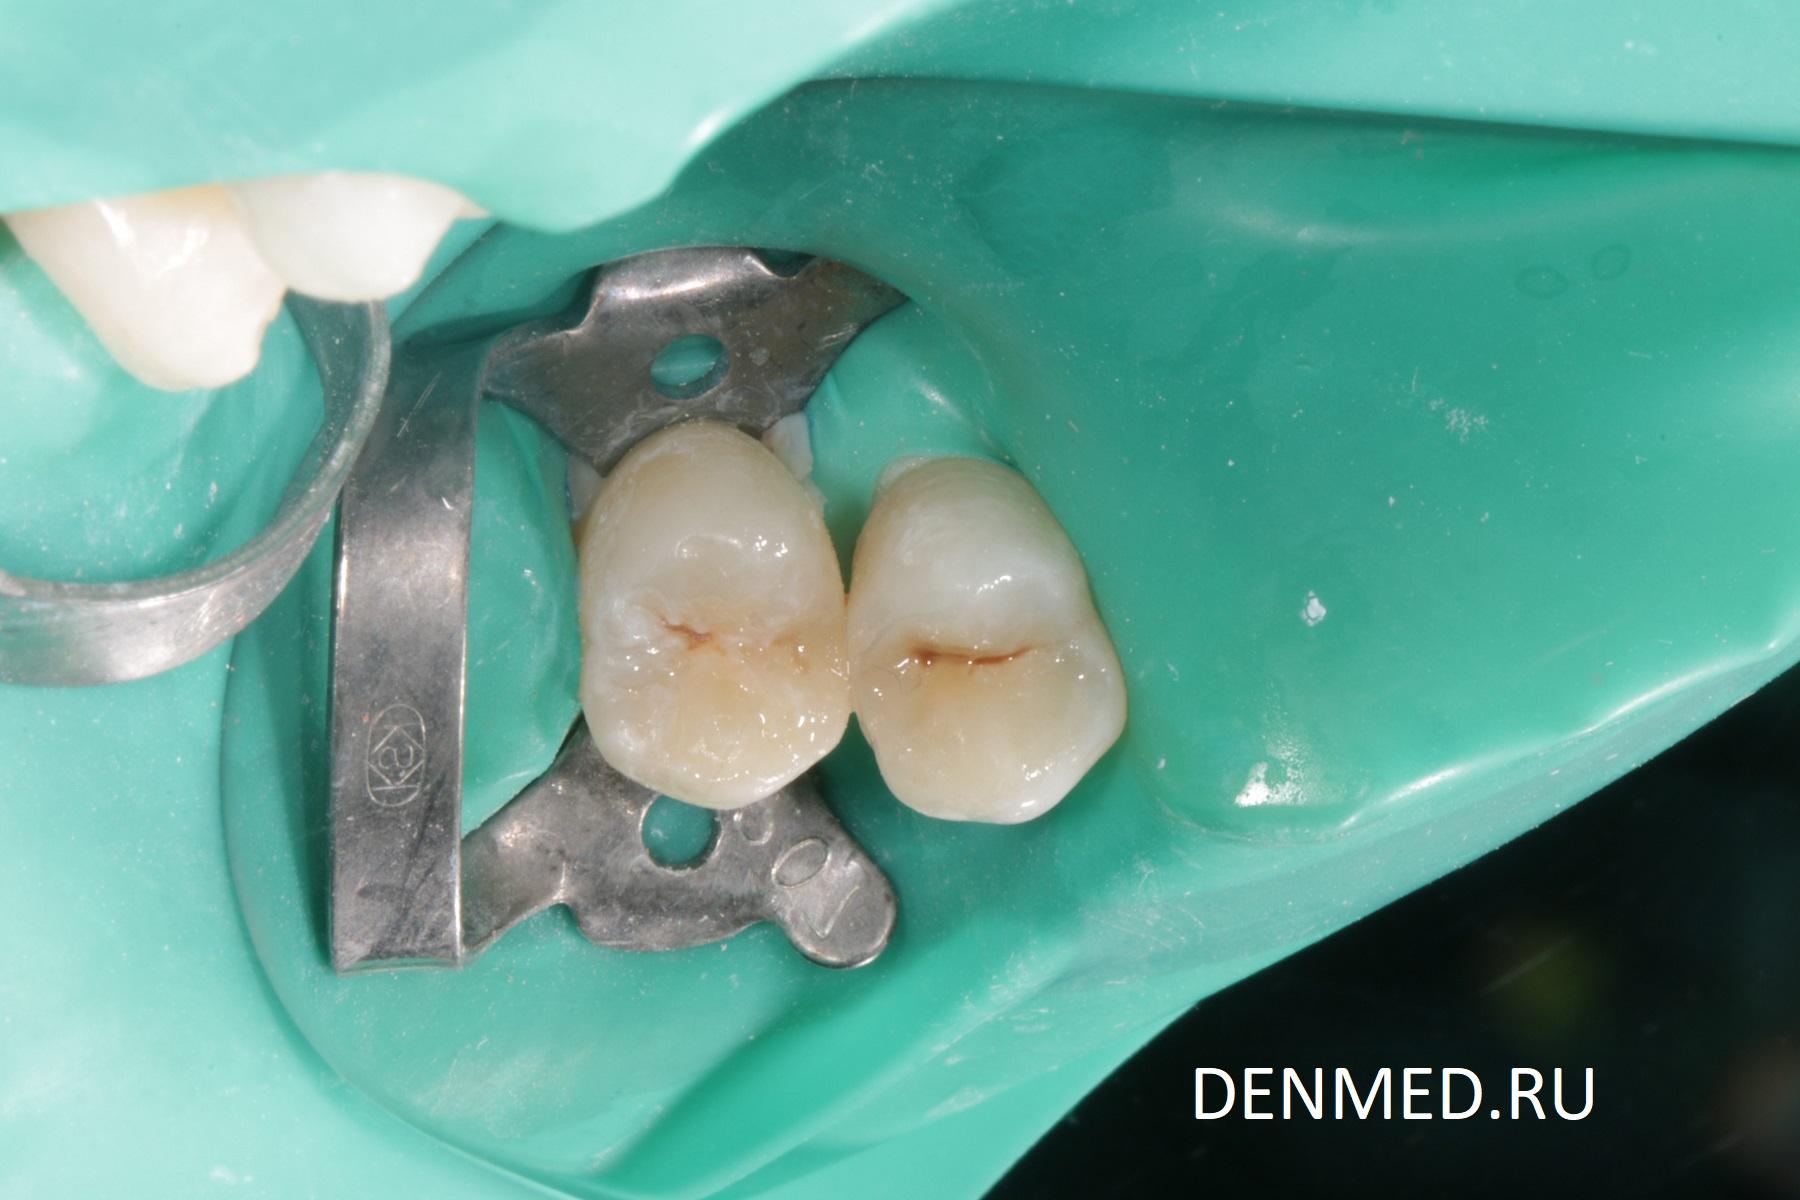 Вид зуба после первичной полировки пломбы